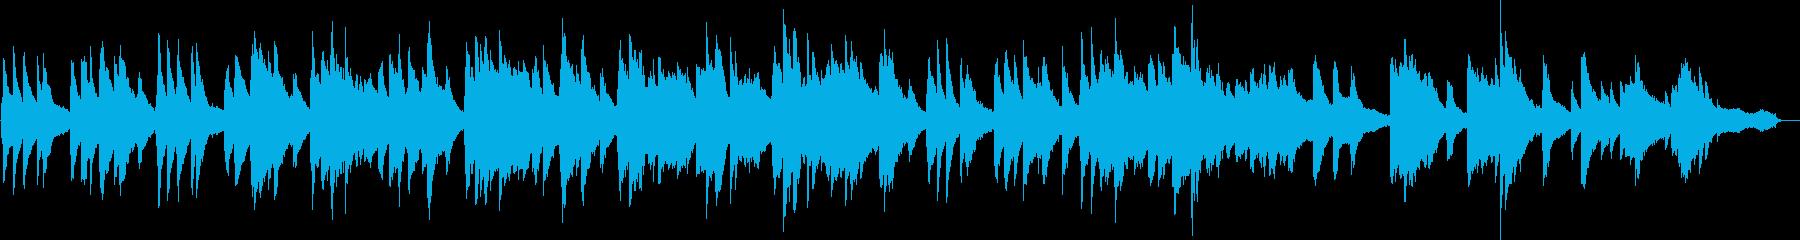 ほのぼのとしたピアノソロの再生済みの波形